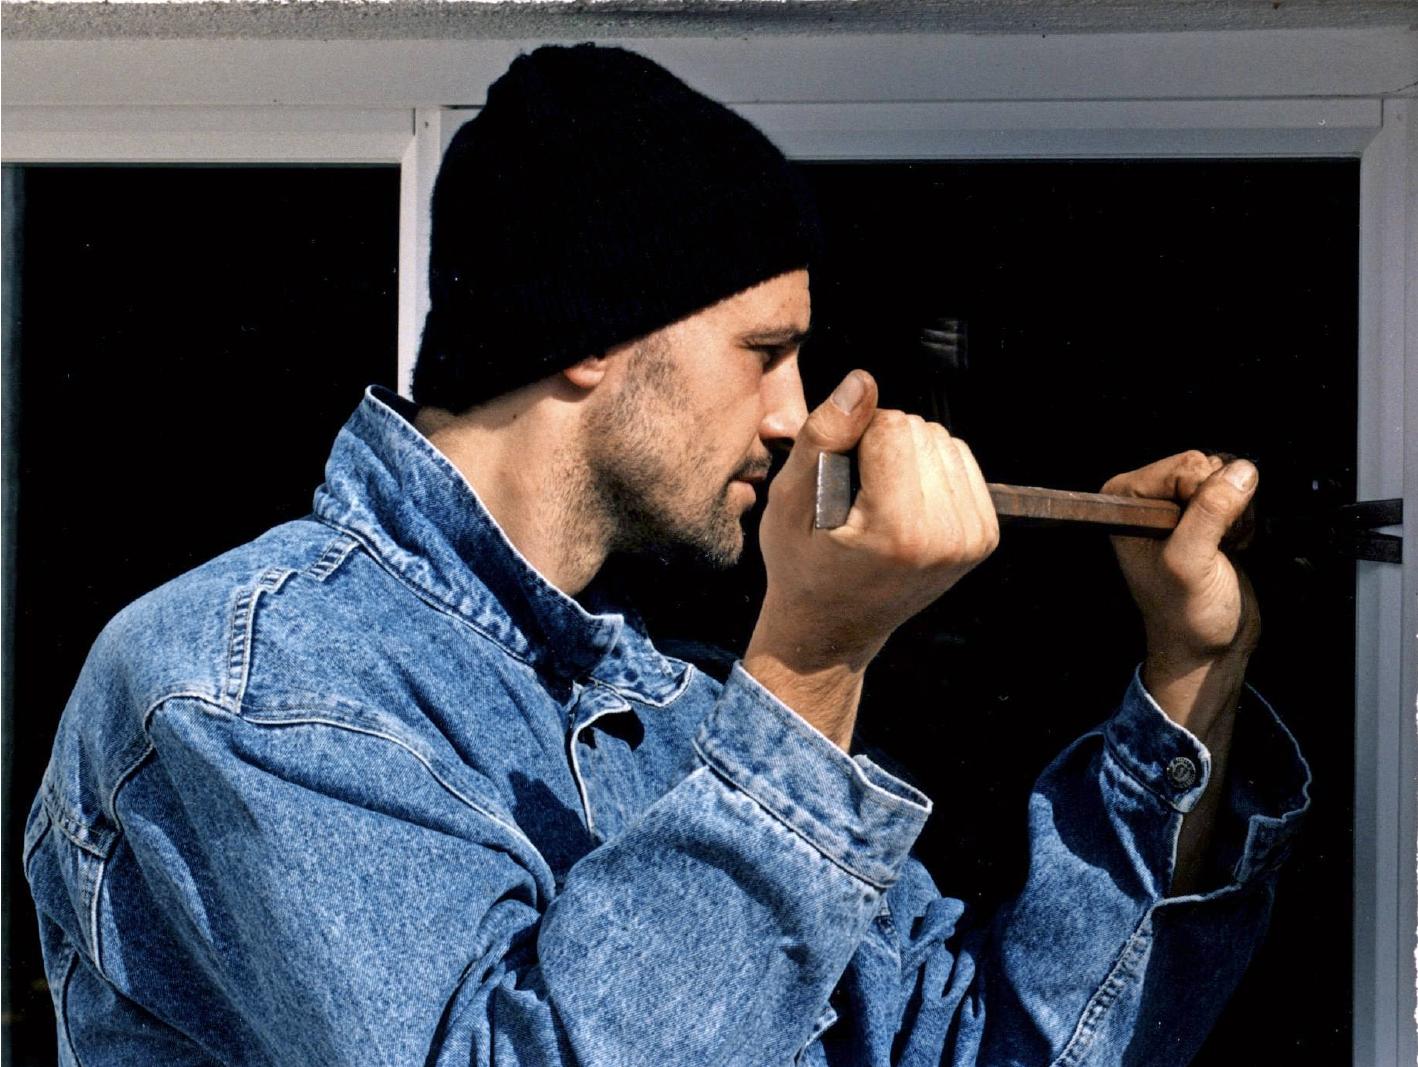 So einfach kommen ungebetene Gäste ins Haus: Spezielle Fenster mit einem professionellen Einbruchschutz erschweren Einbrechern die Arbeit jedoch erheblich. Foto: GDV/dpa/gms